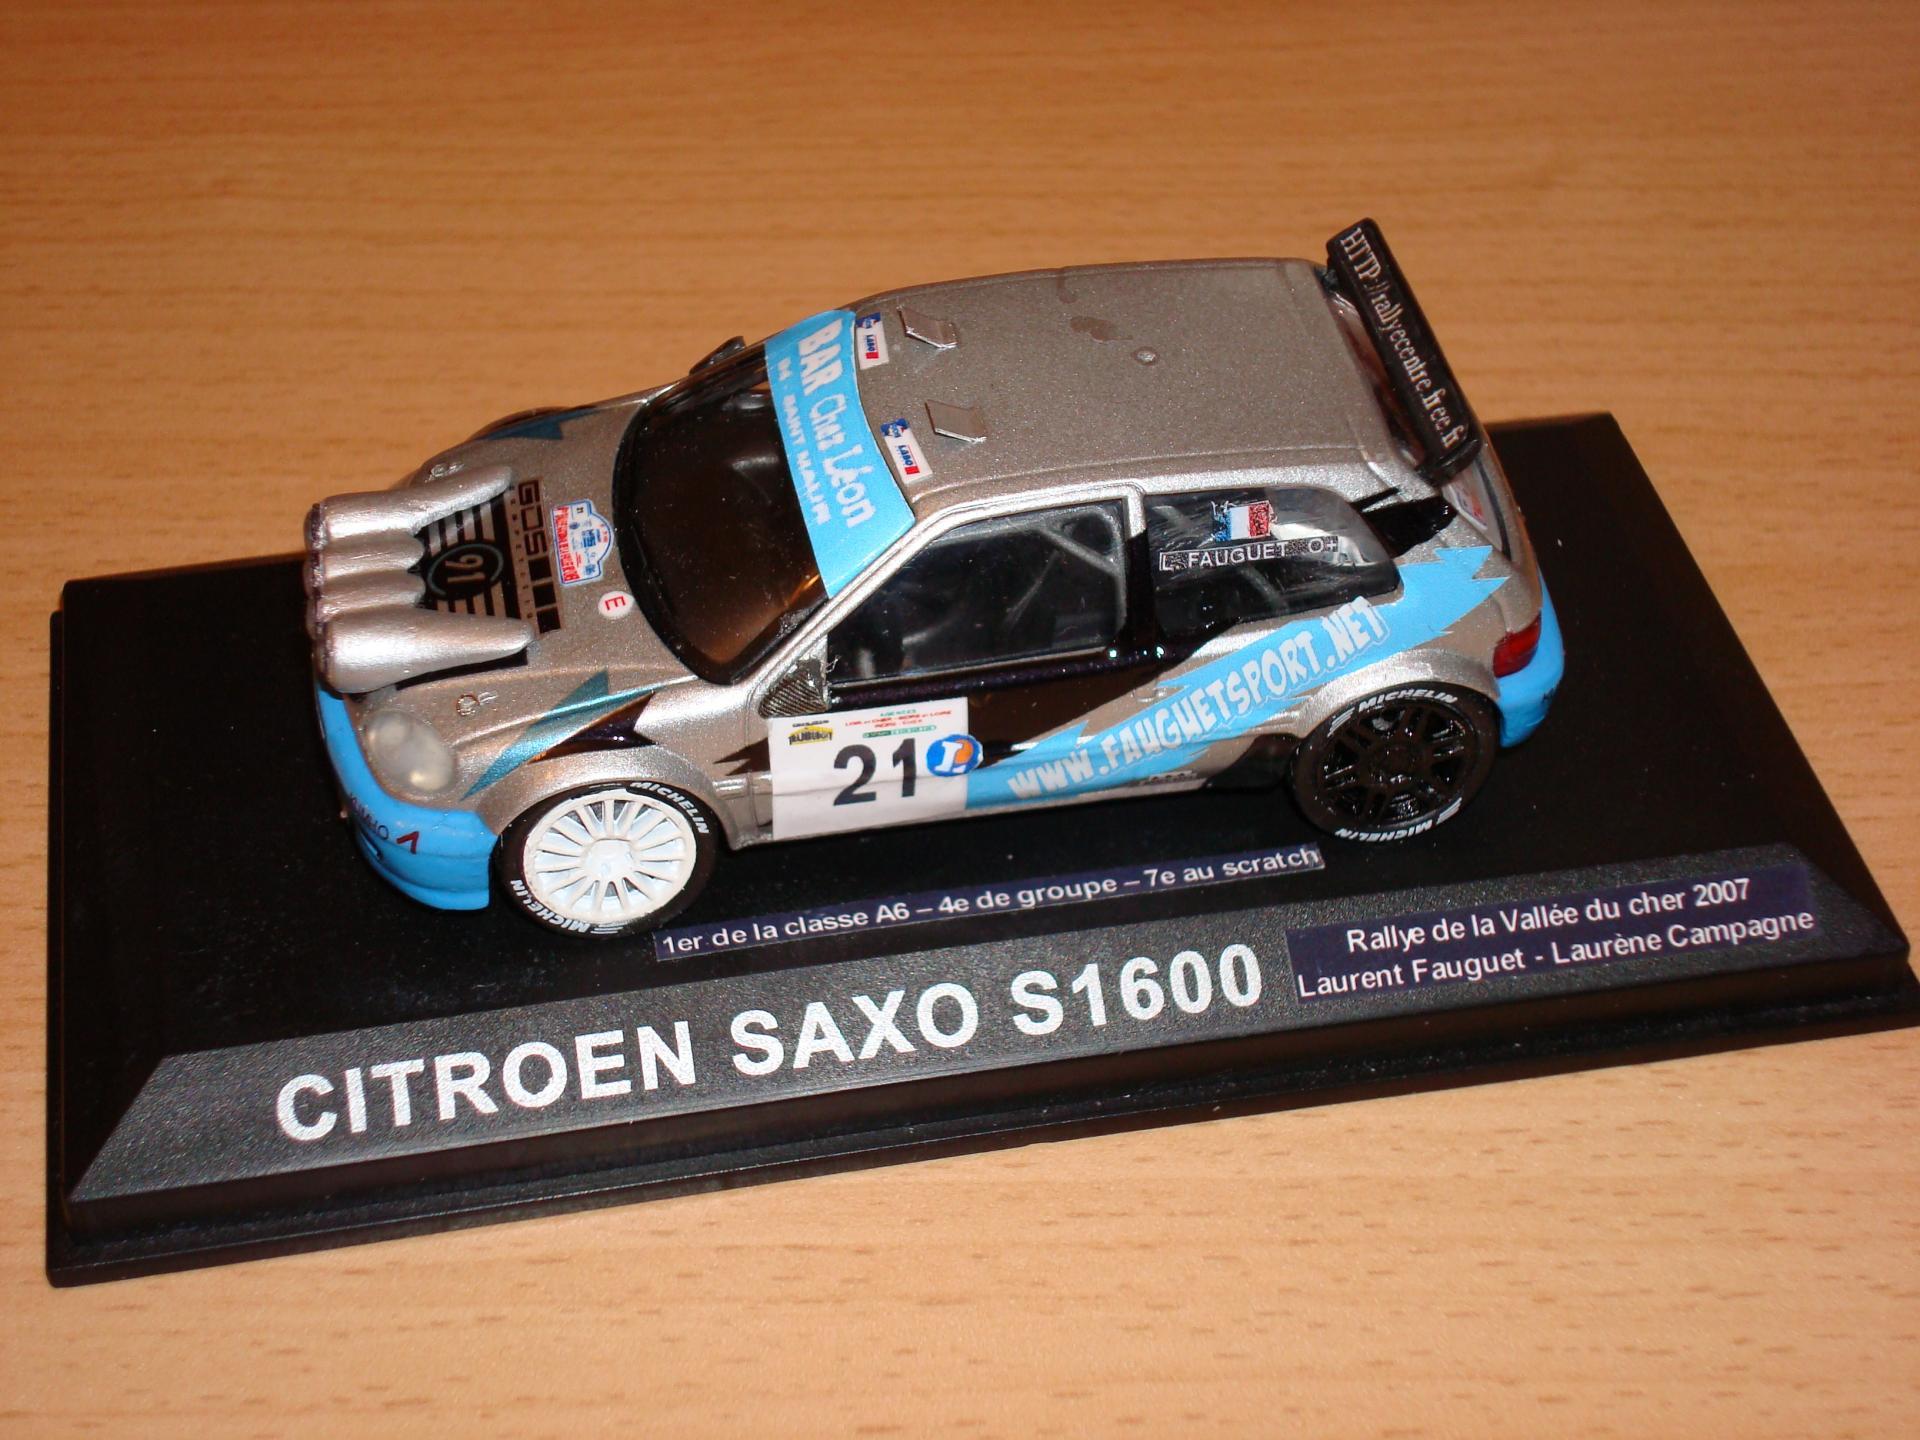 Kit car Fauguet 2007